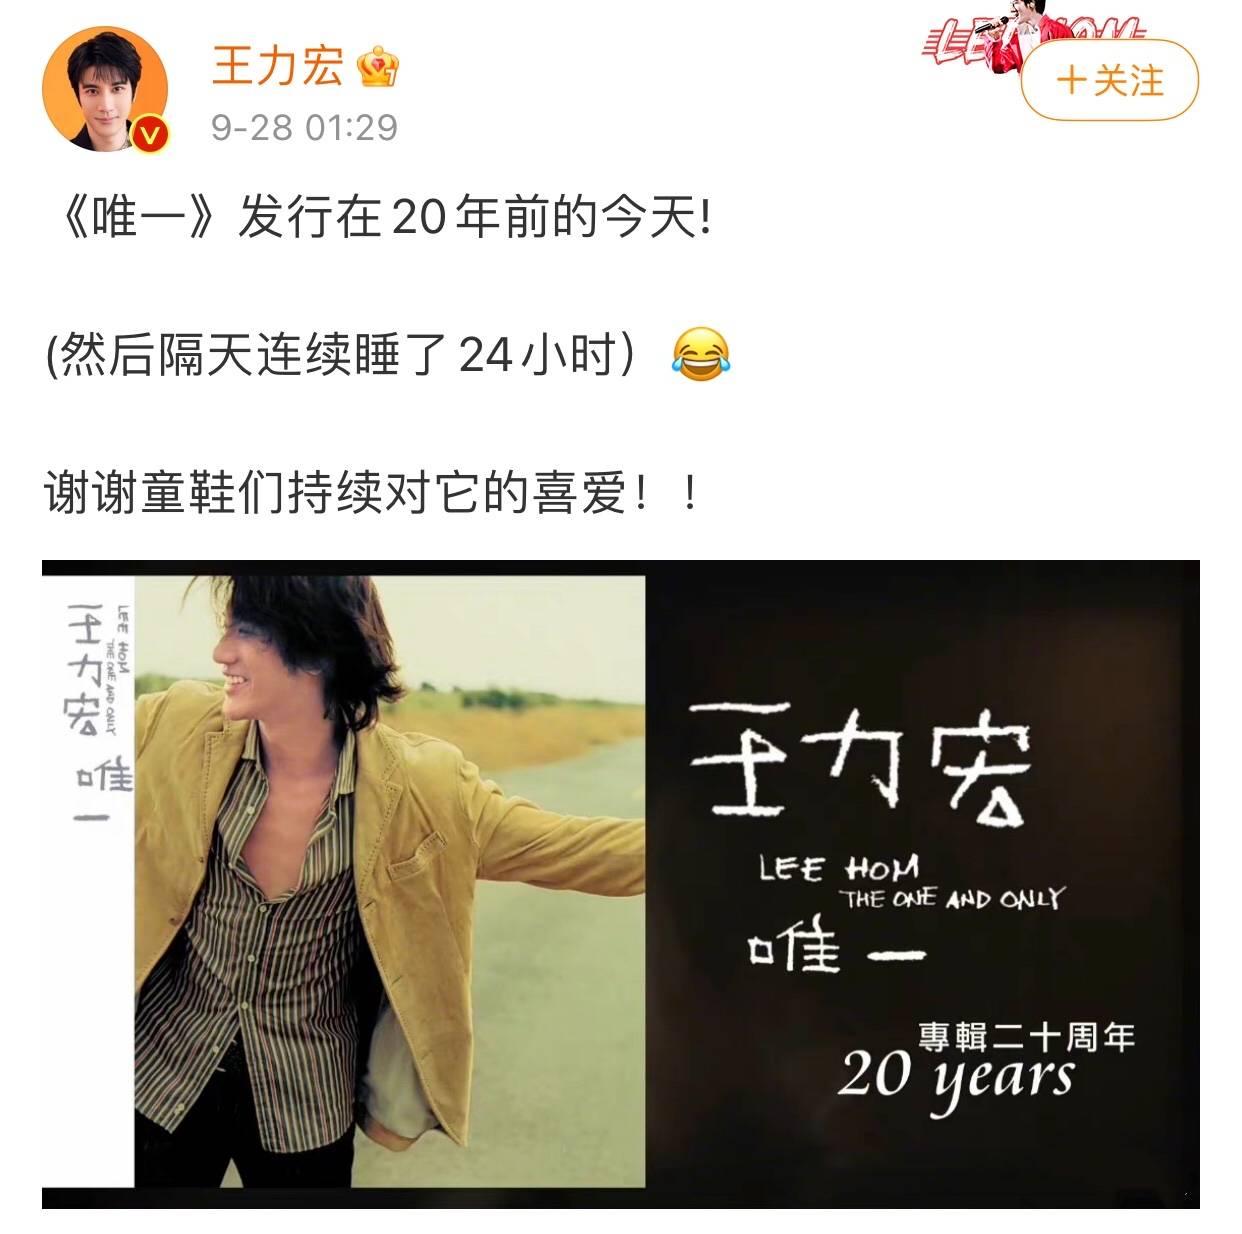 王力宏纪念《唯一》发行20年 亲手操刀制作